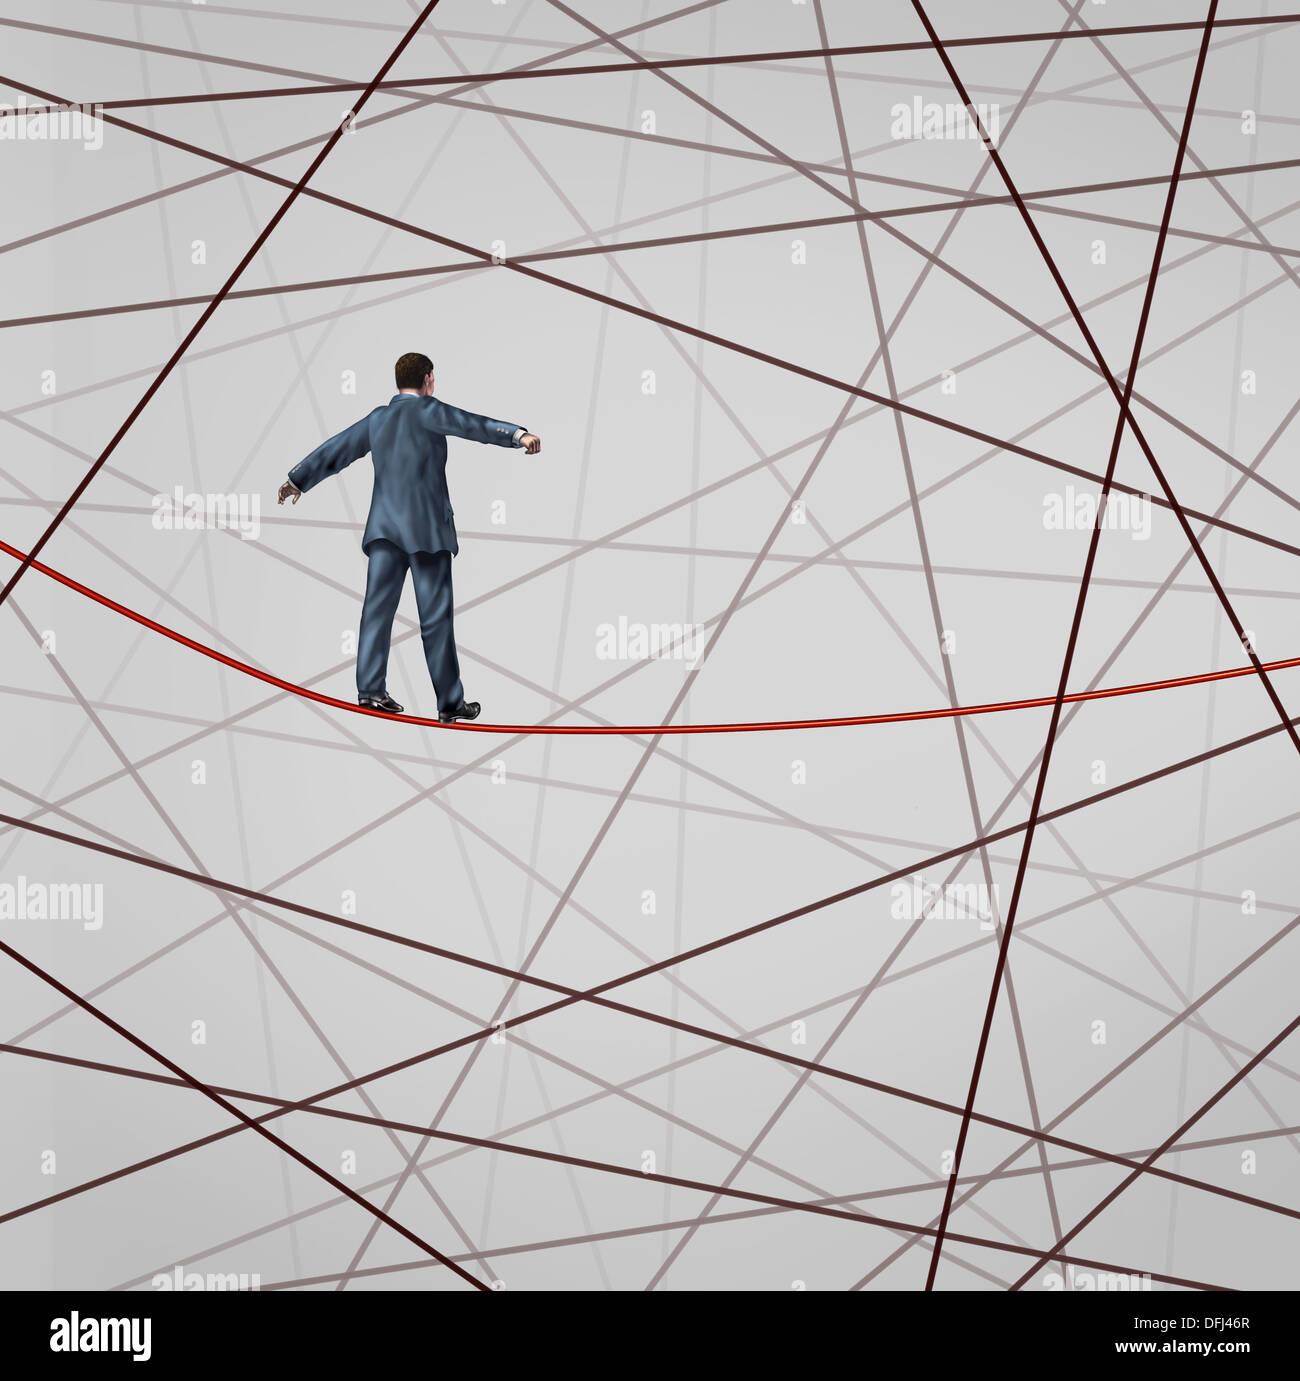 Fokus auf Strategie mit einem Geschäftsmann als Hochseil Seil Walker Konfrontation mit Widrigkeiten mit einem Netz Stockfoto